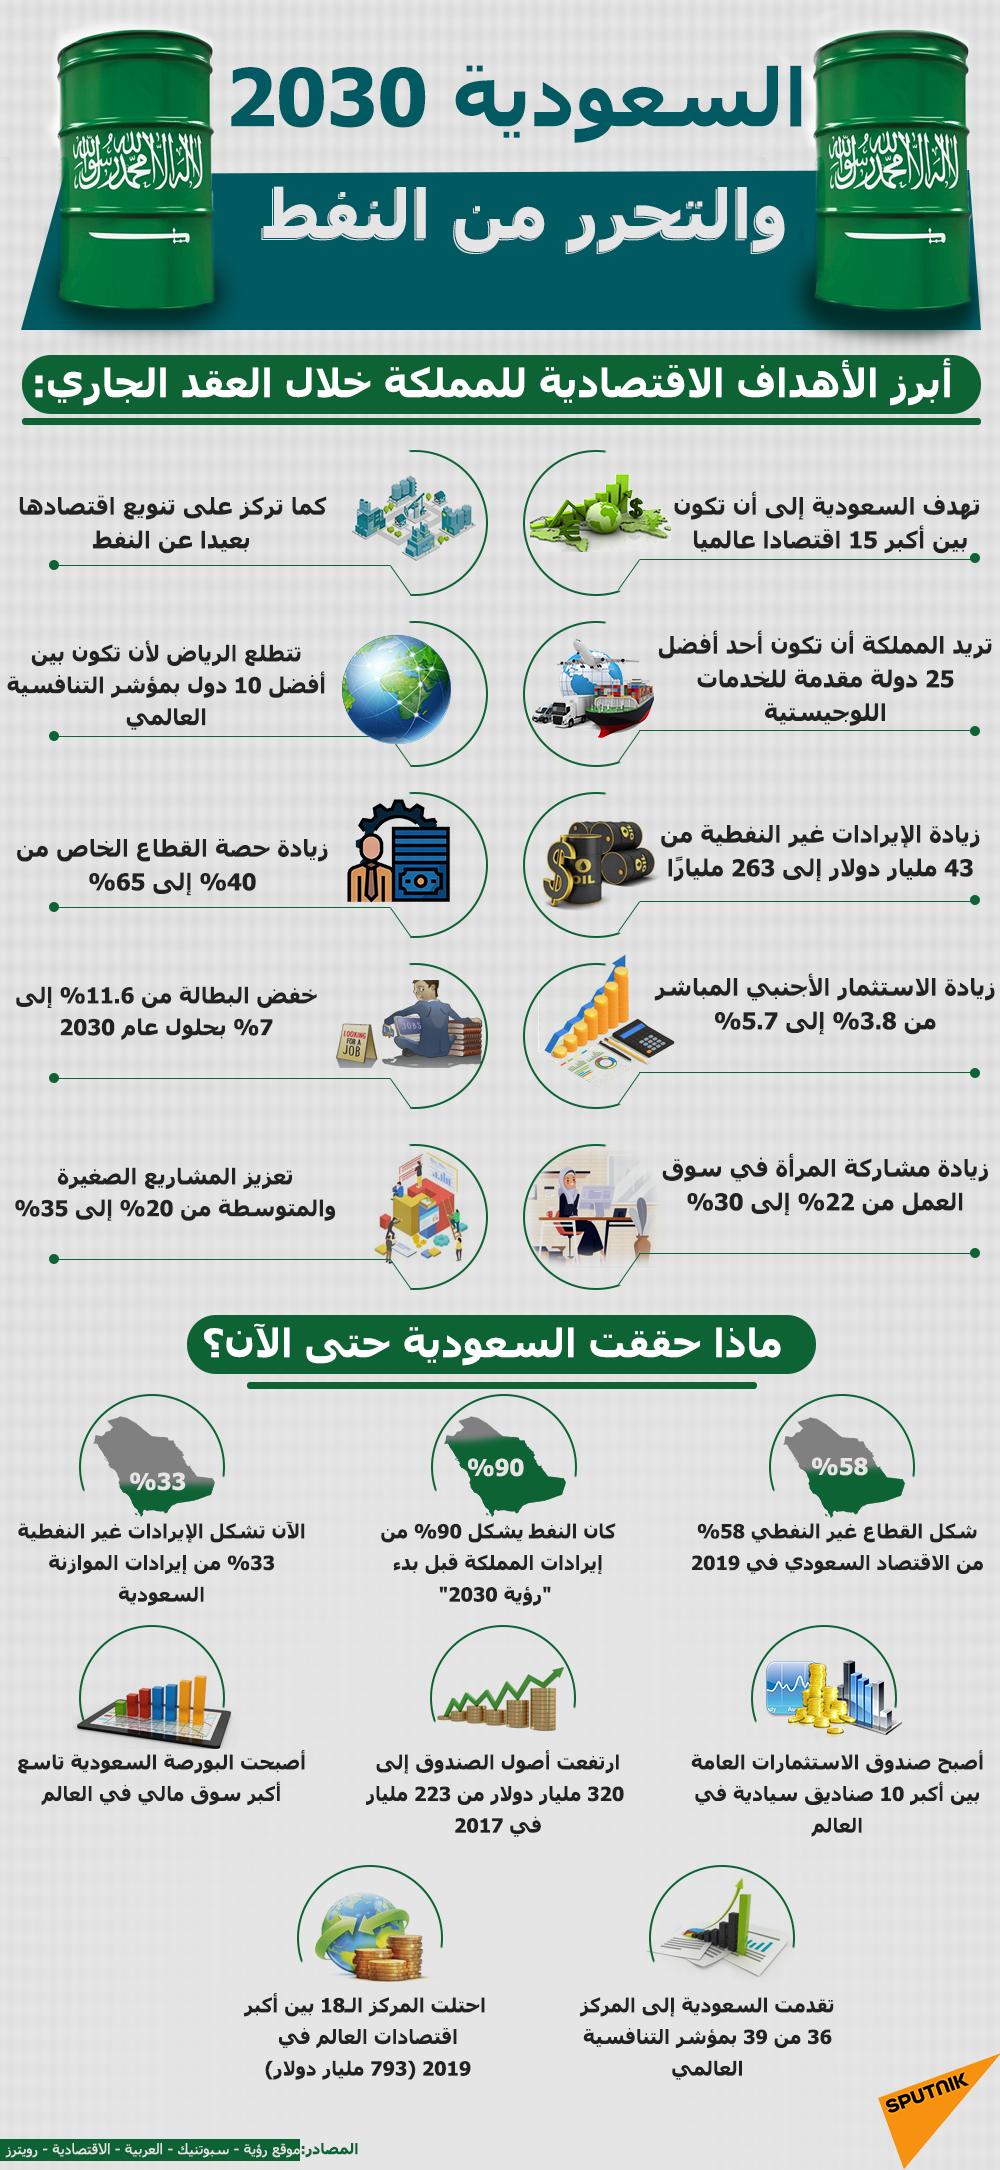 السعودية 2030 والتحرير من النفط